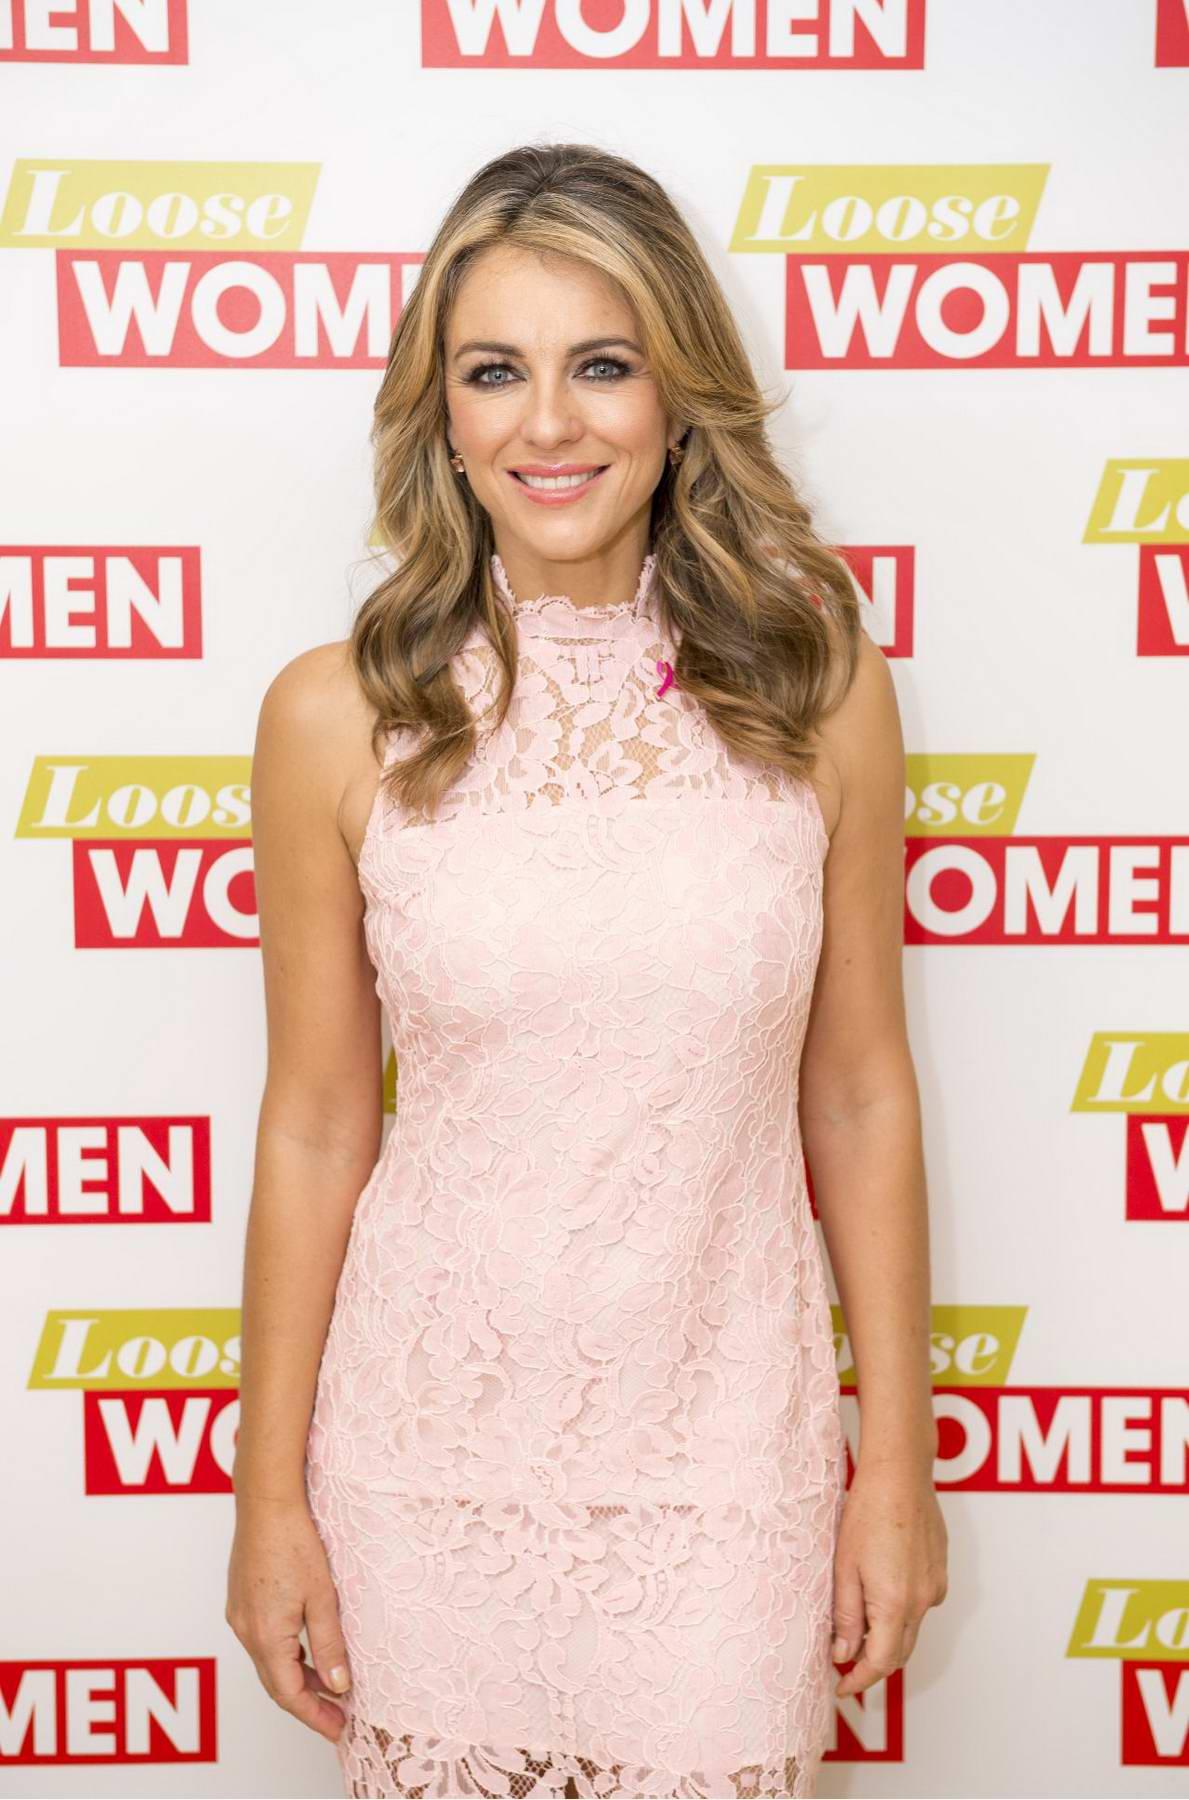 Elizabeth Hurley on Loose Women TV show in London